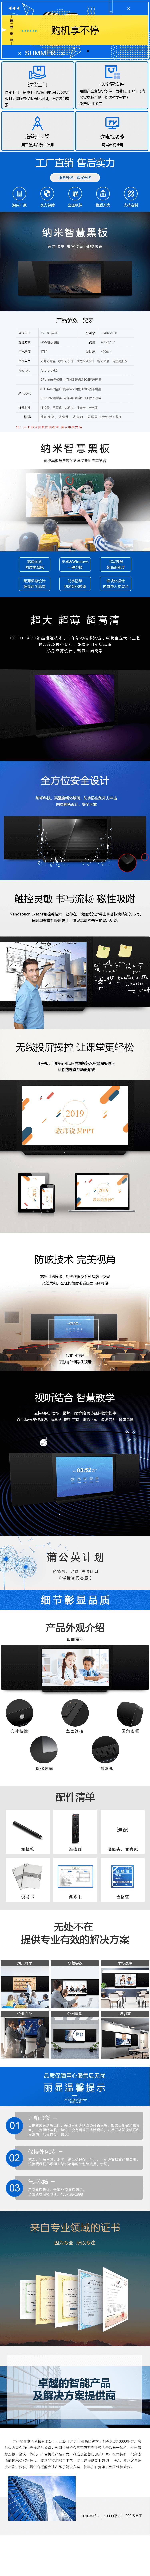 广州丽显电子科技